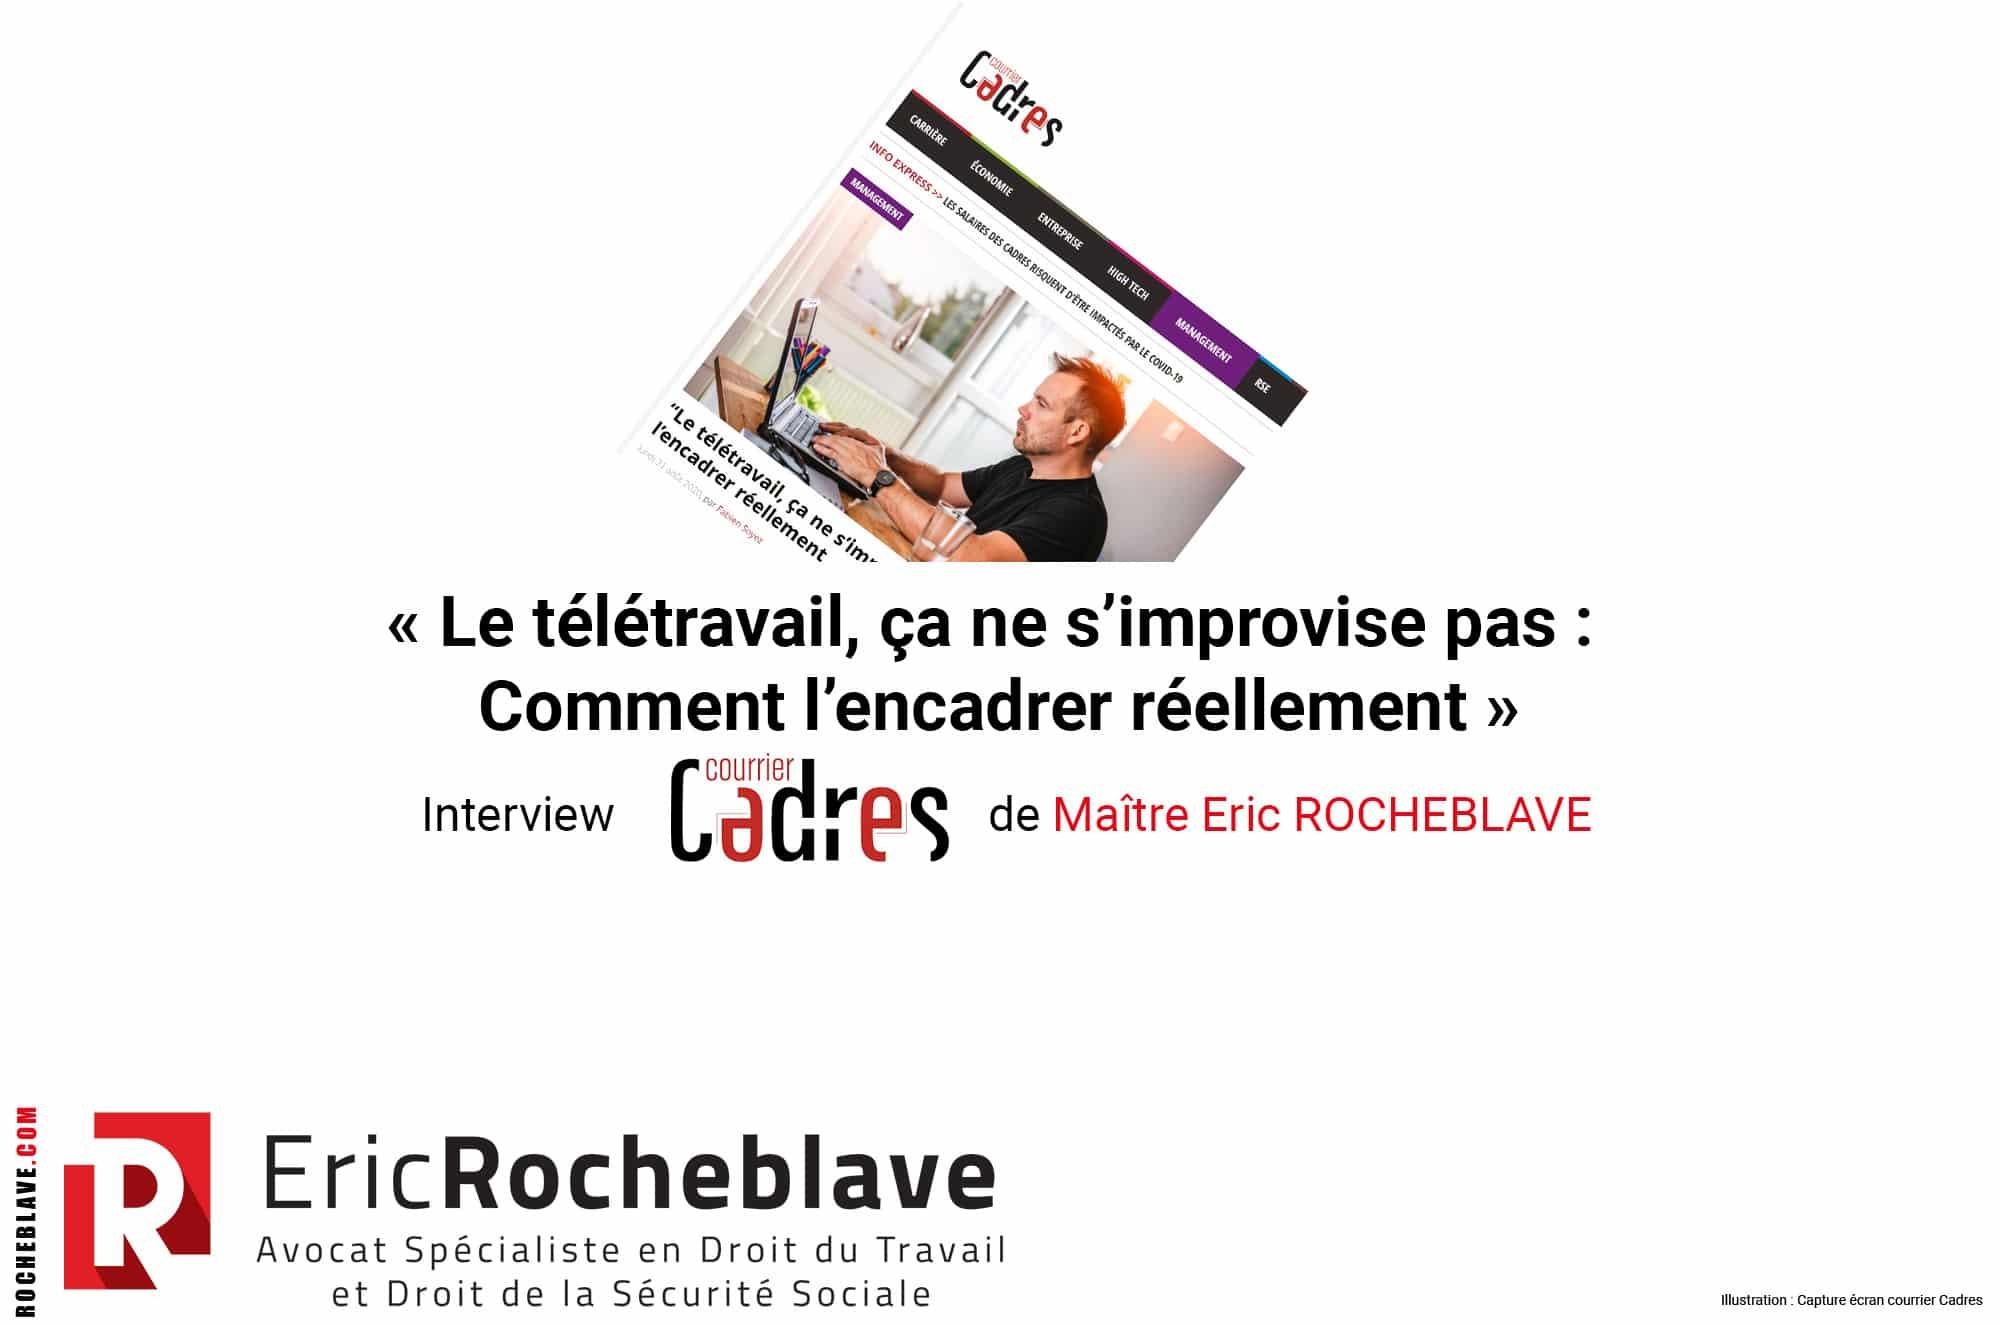 « Le télétravail, ça ne s'improvise pas : Comment l'encadrer réellement » Interview Midi Libre de Maître Eric ROCHEBLAVE